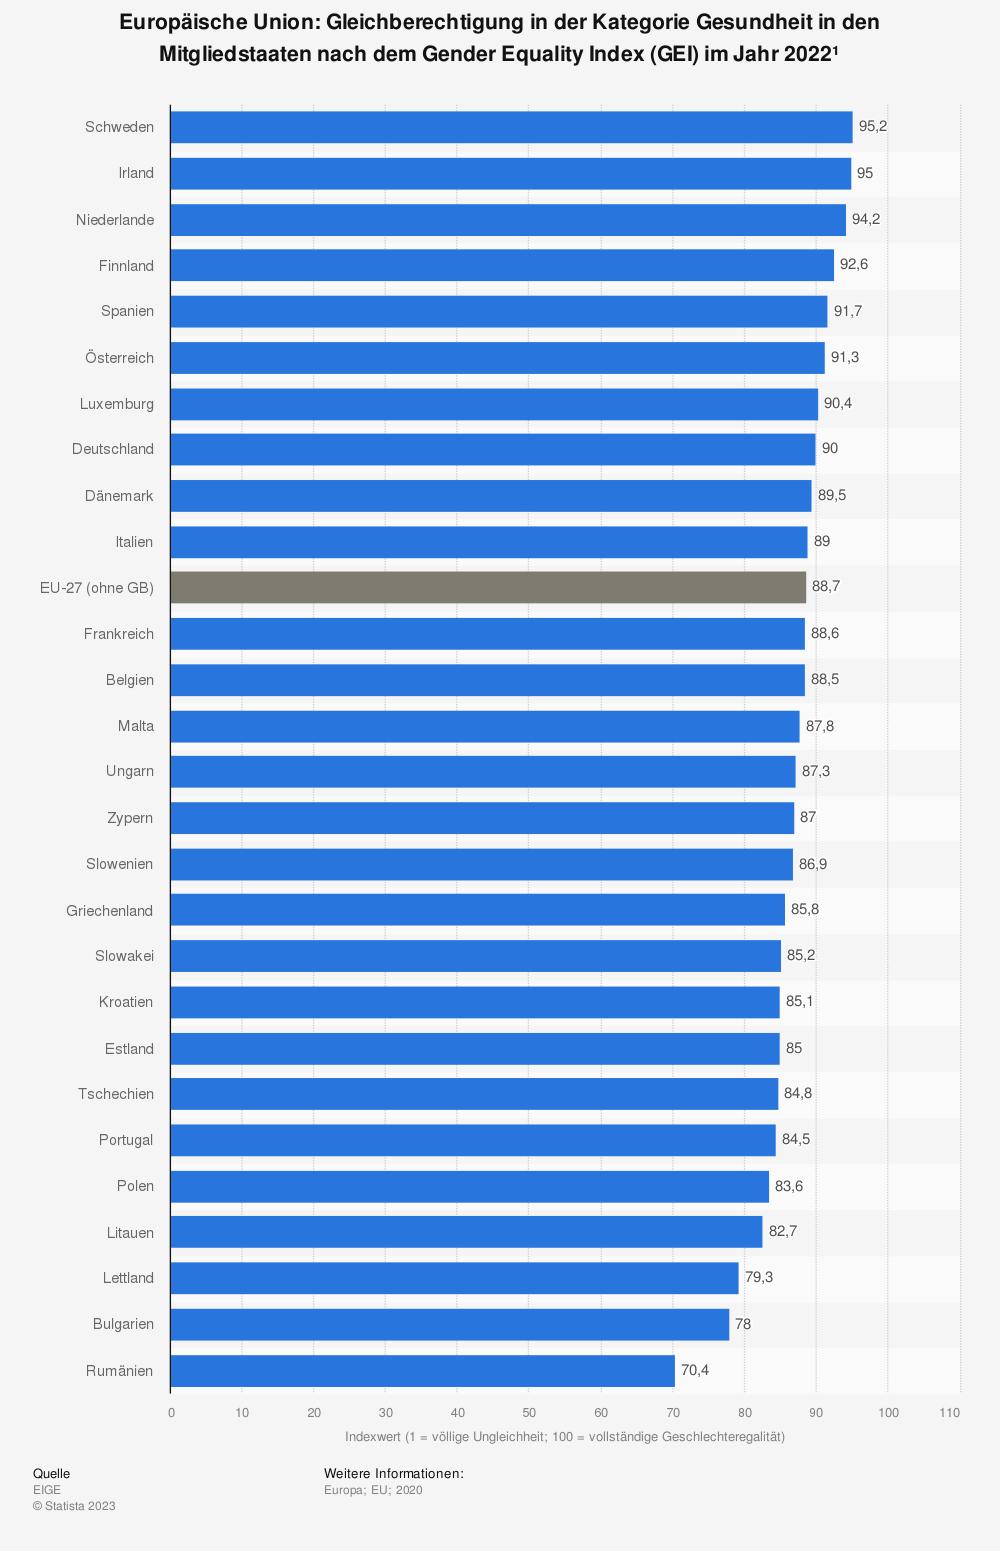 Statistik: Europäische Union: Gleichberechtigung in der Kategorie Gesundheit in den Mitgliedsstaaten nach dem Gender Equality Index (GEI) im Jahr 2015 | Statista